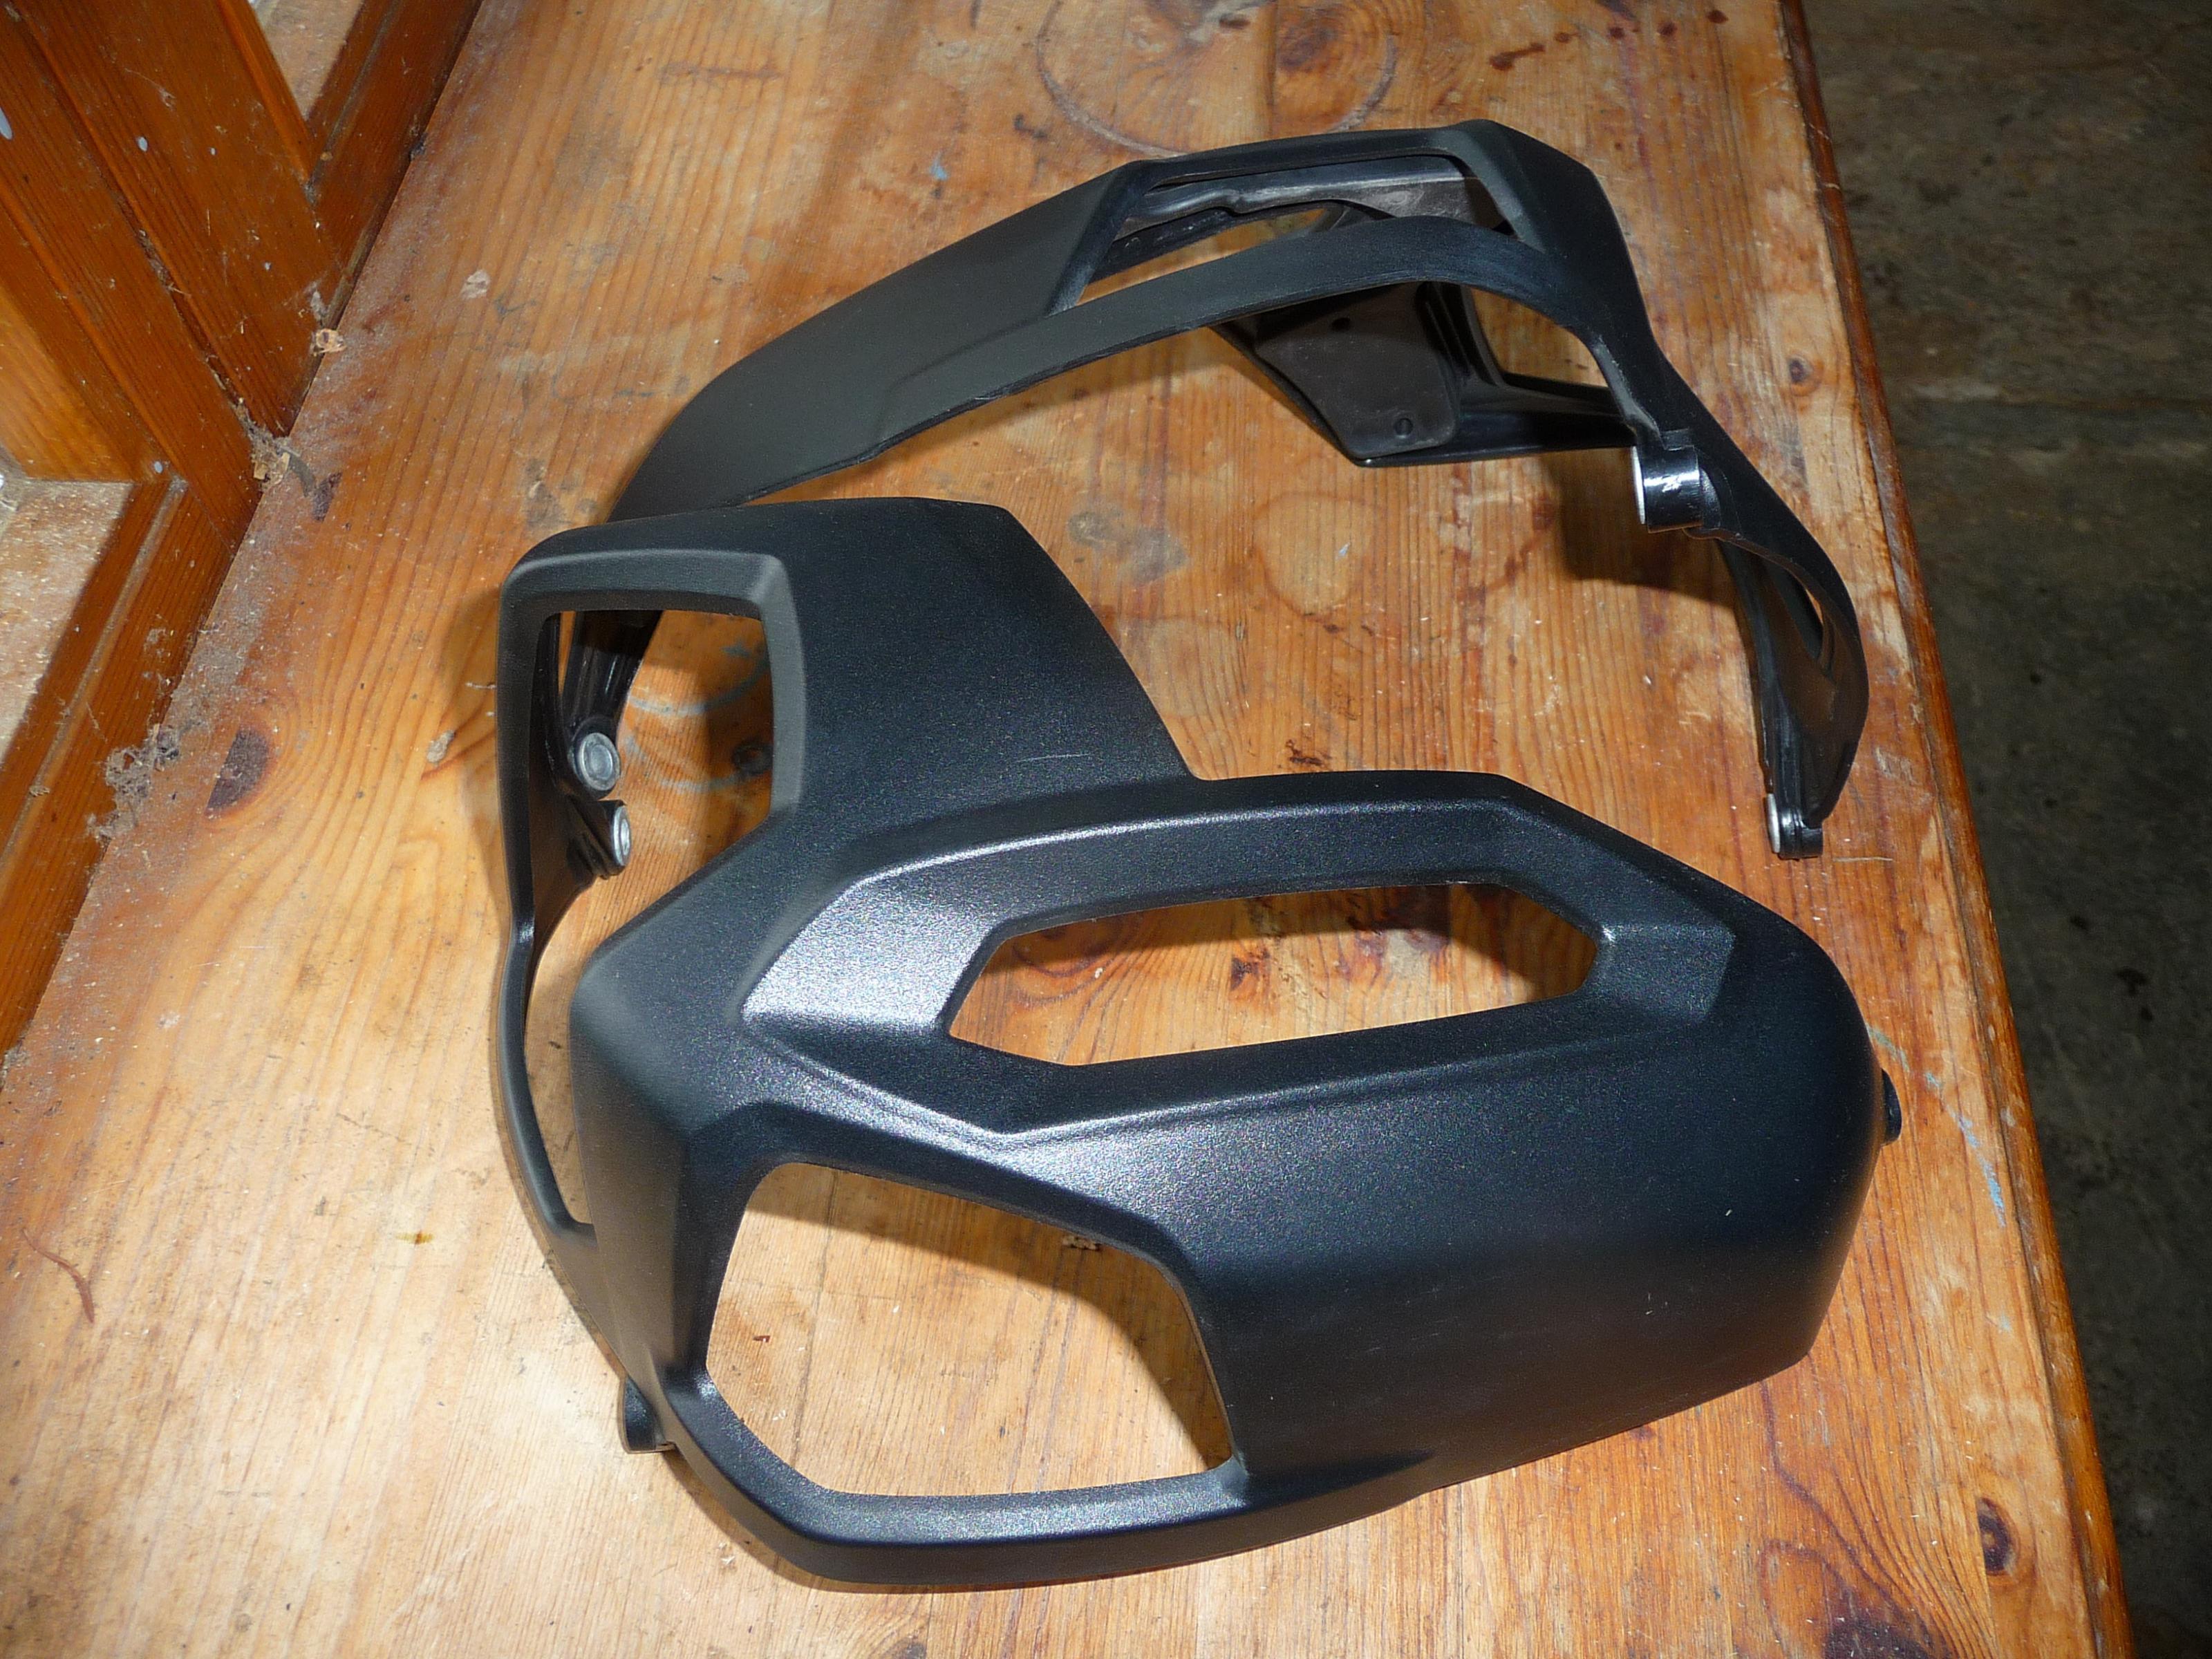 biete r 1200 gs adventure original zylinderschutz f r. Black Bedroom Furniture Sets. Home Design Ideas